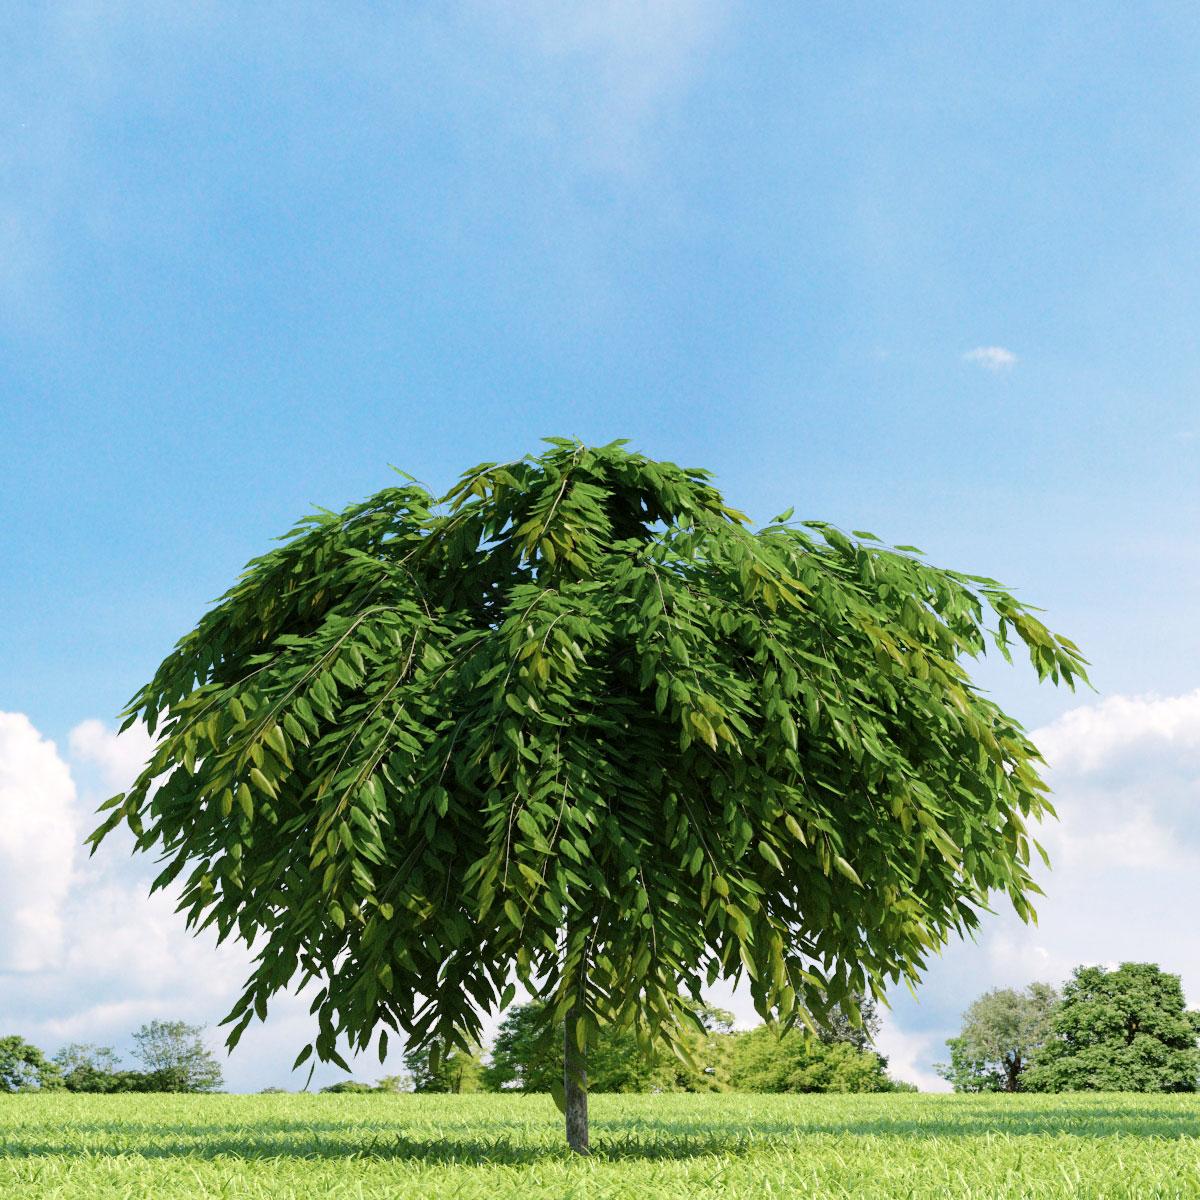 Salix repens var. nitida 22 v2 AM136 Archmodels